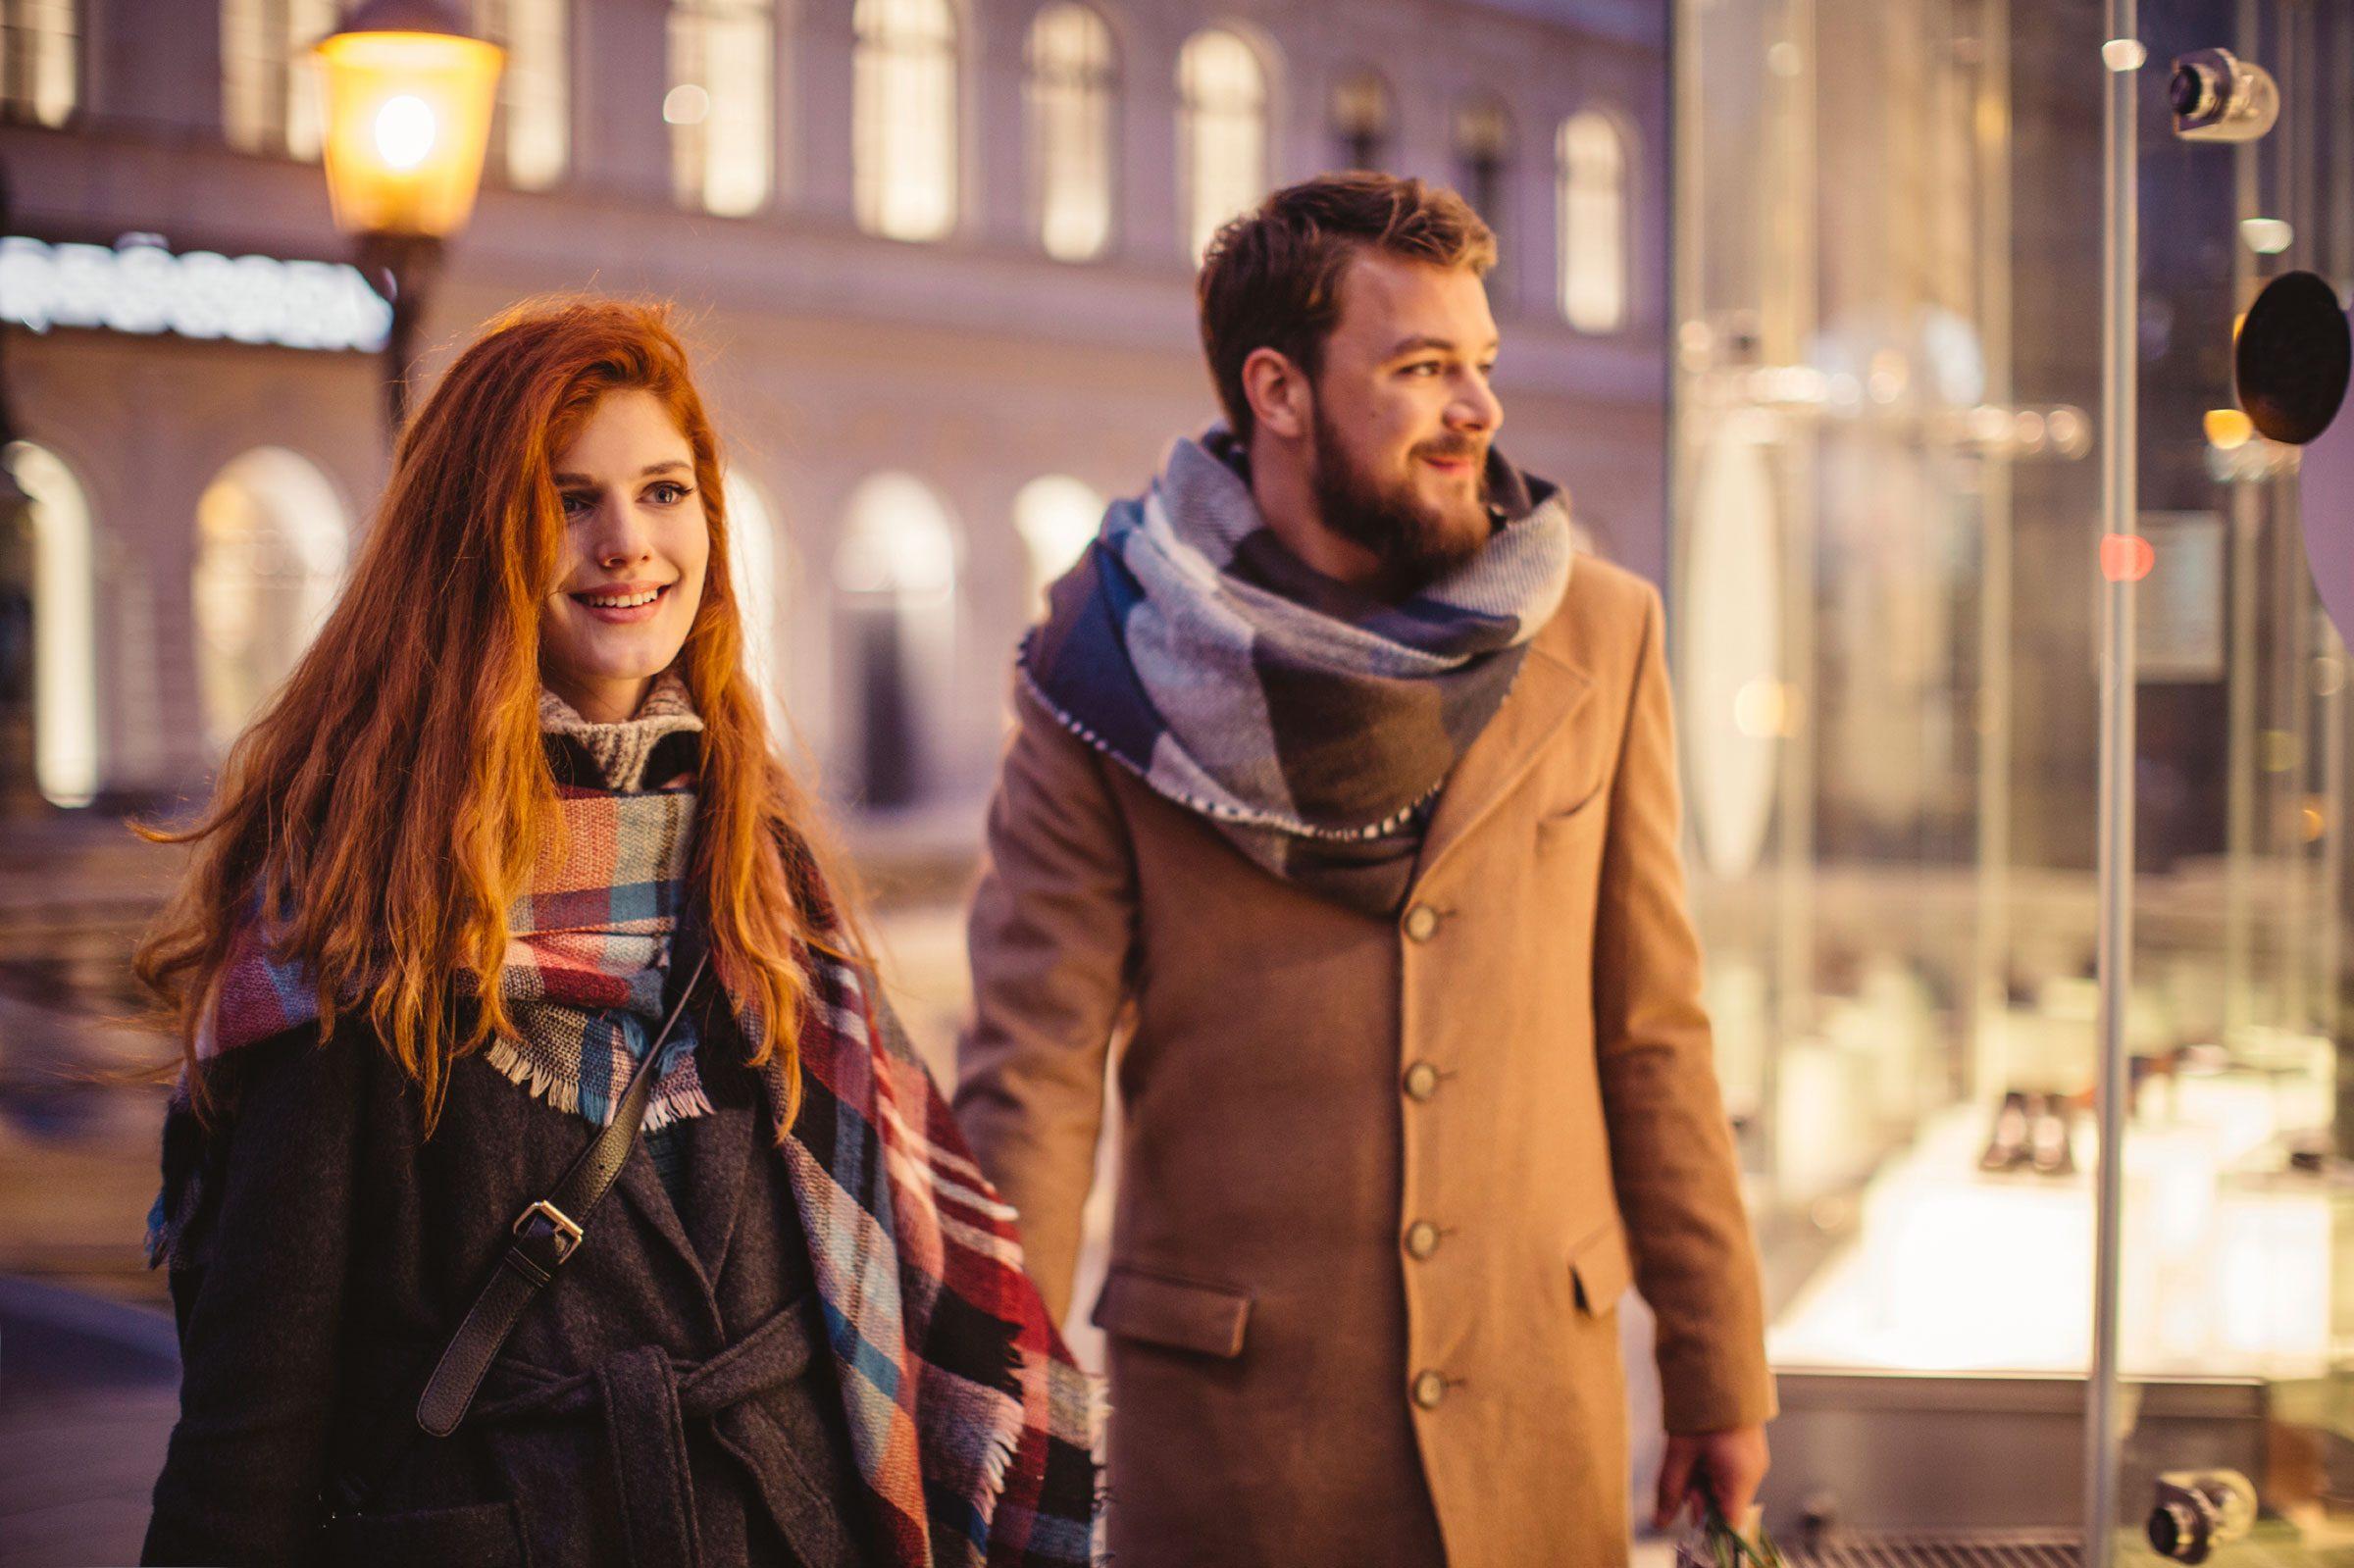 couple-heureux-apres-travail-marche-soir